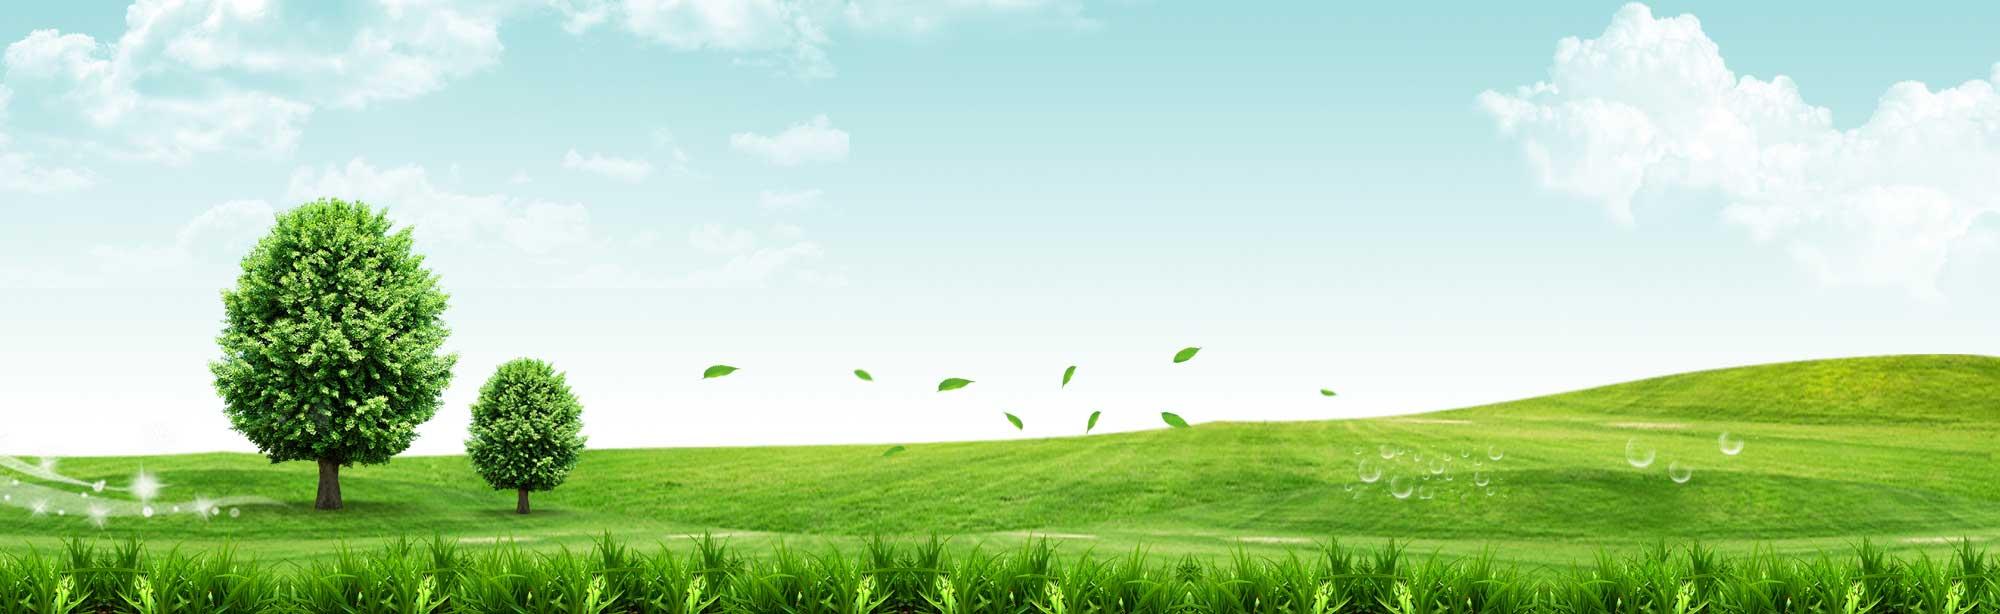 我国聚氨酯行业创新发展的三个方向分析